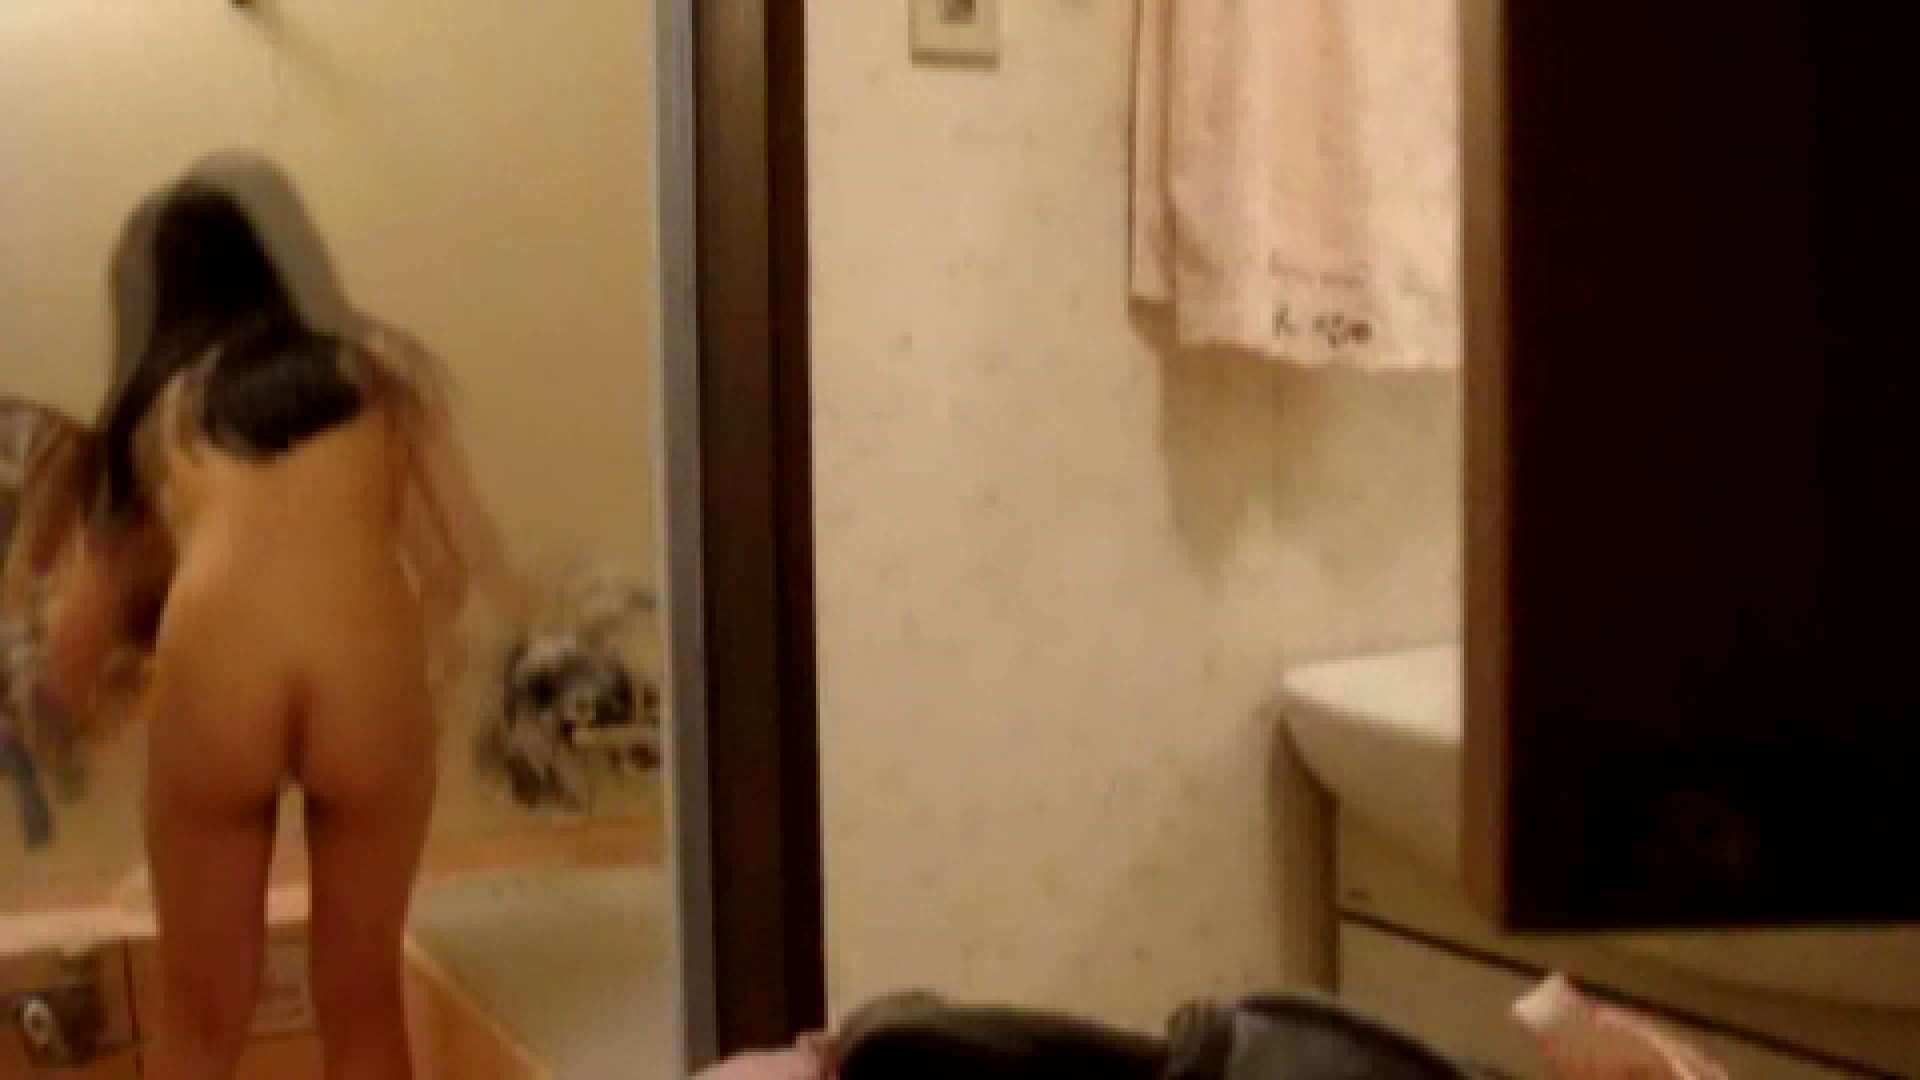 二人とも育てた甲斐がありました… vol.08 まどかの入浴中にカメラに気付いたか!? 入浴 | HなOL  50pic 22